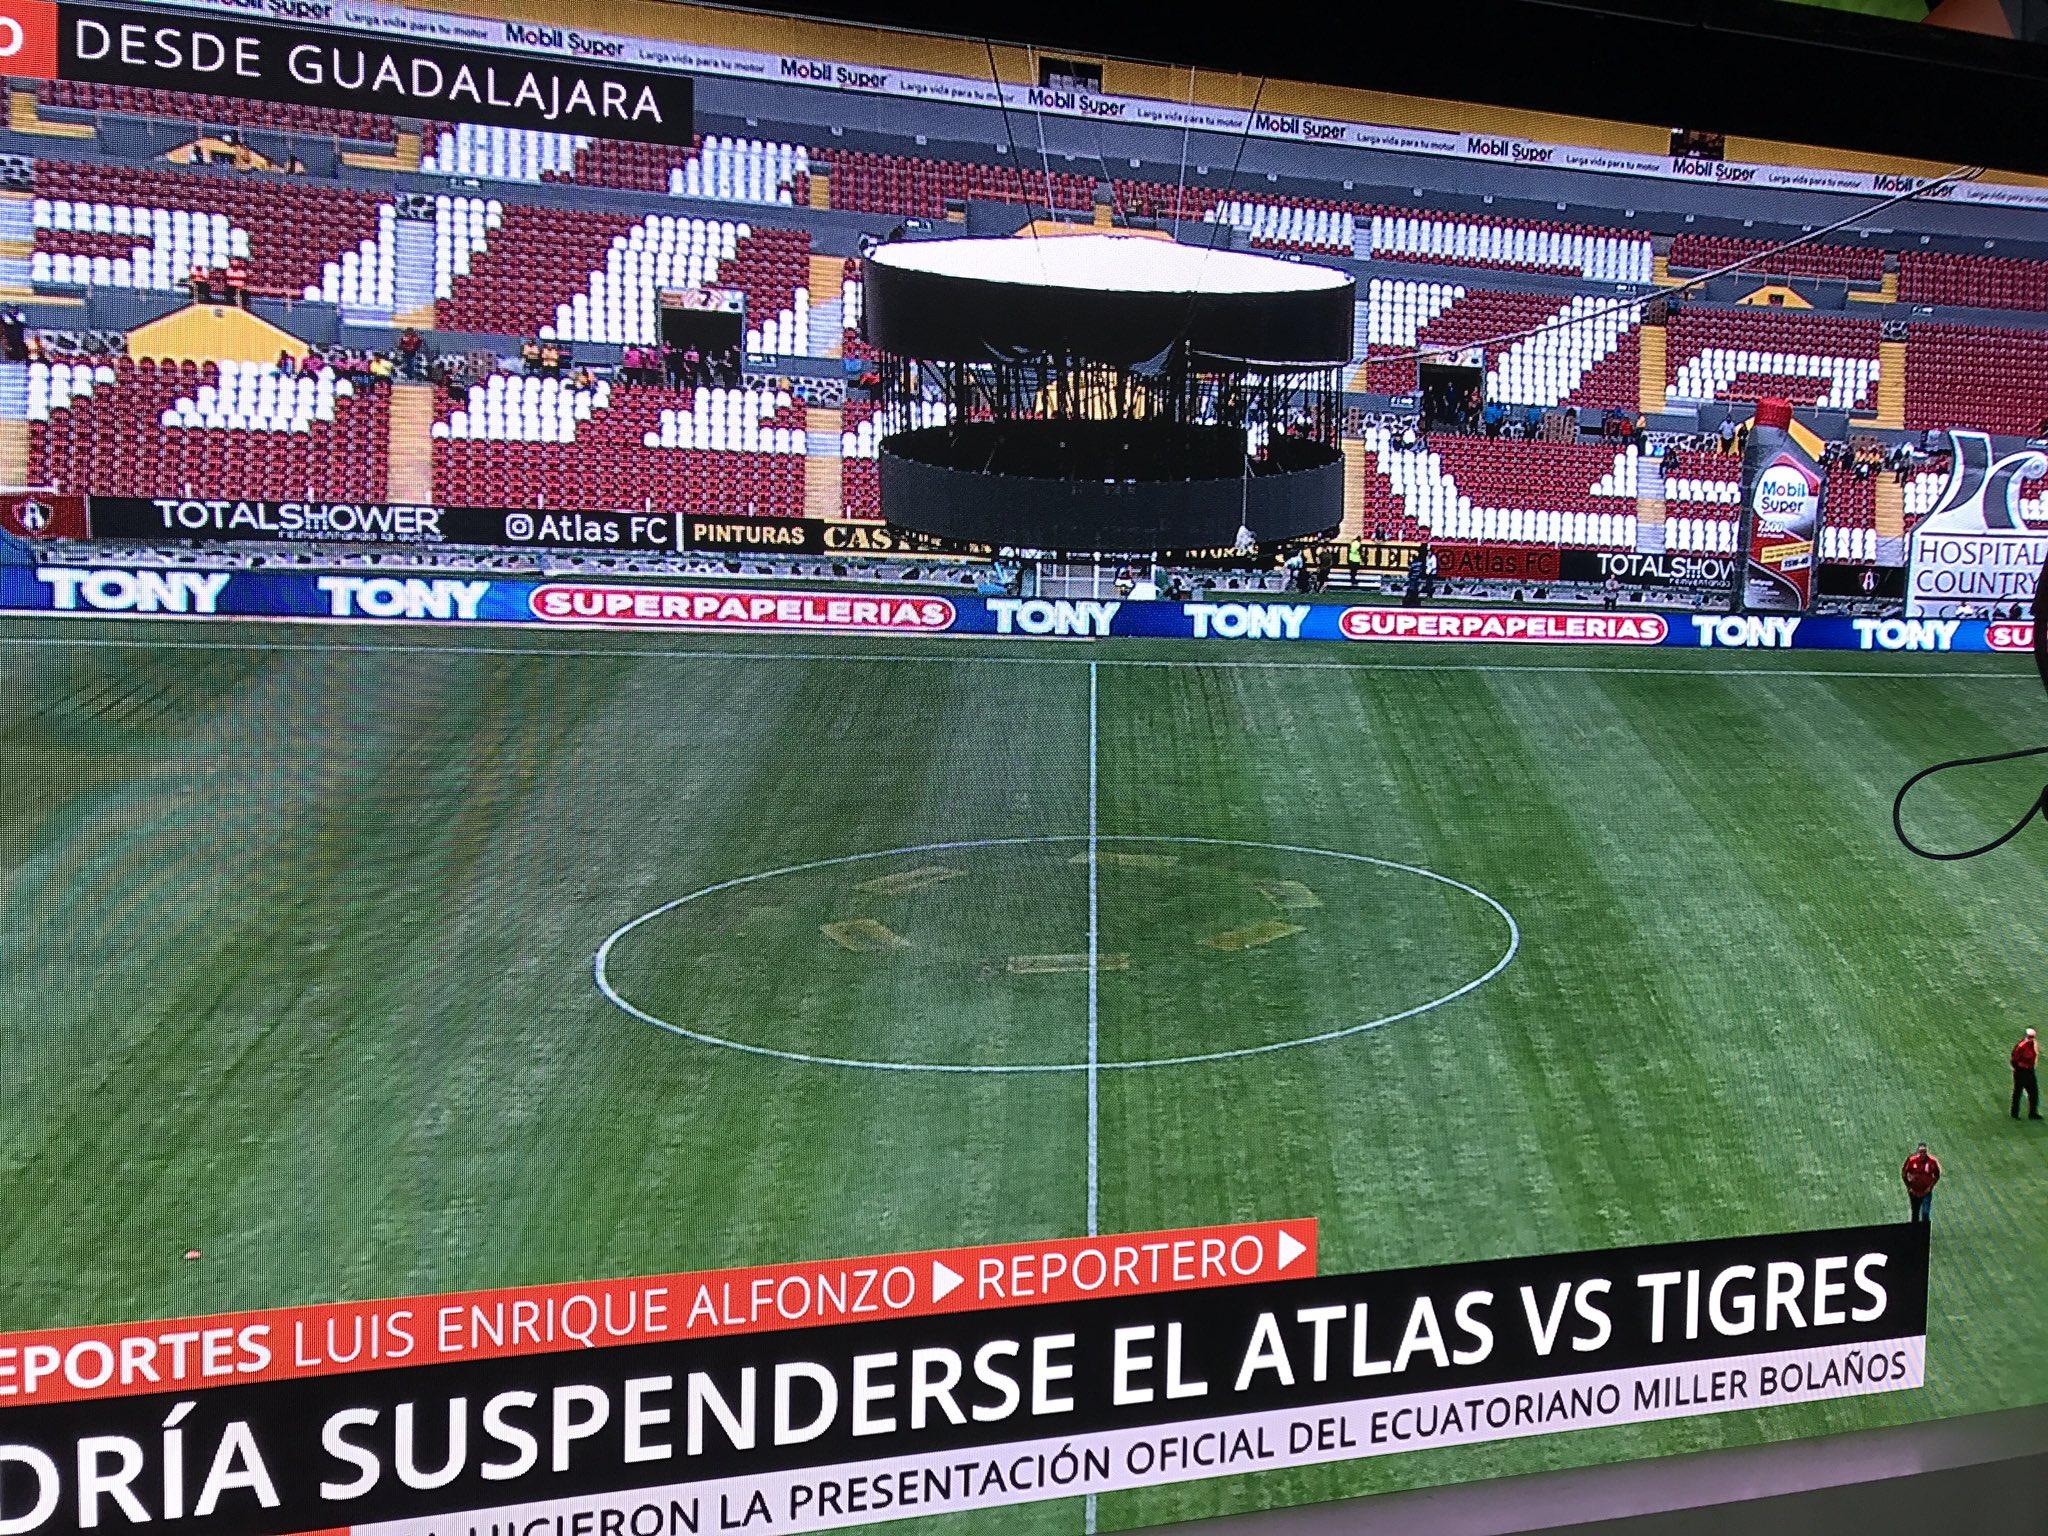 Suspenden Atlas Tigres por una pantalla mal colocada